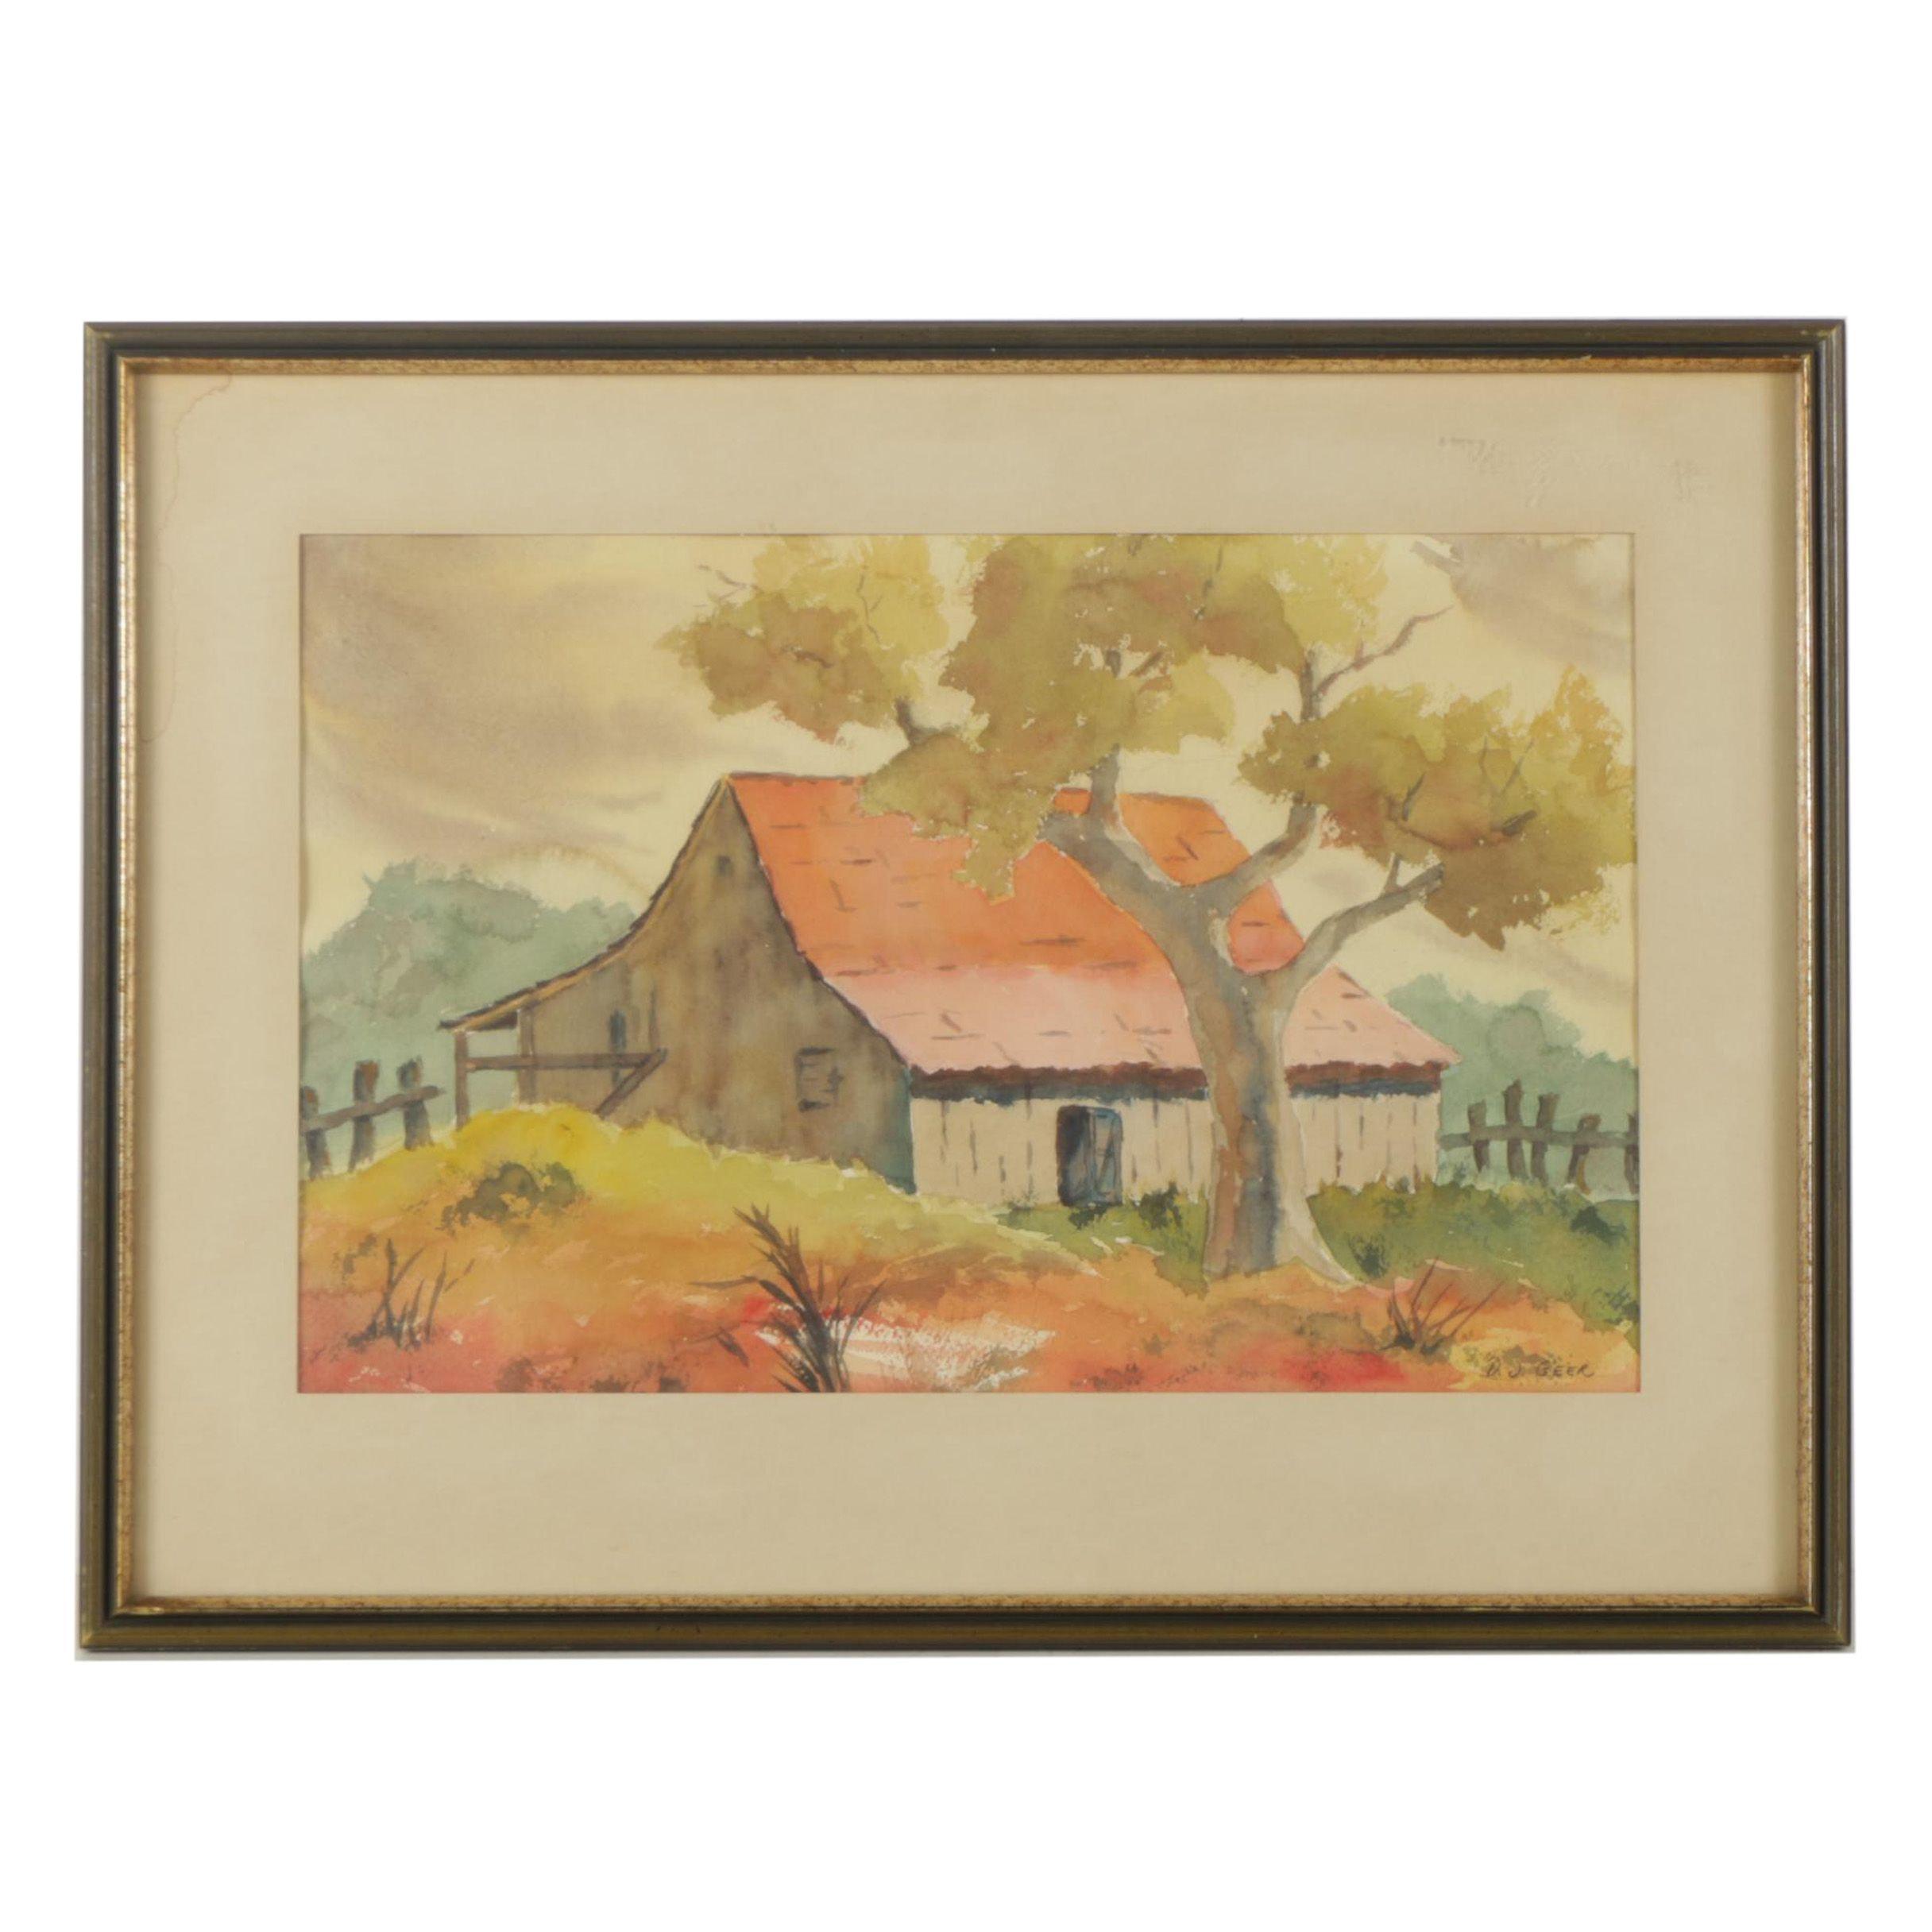 D.J. Geer Watercolor Painting